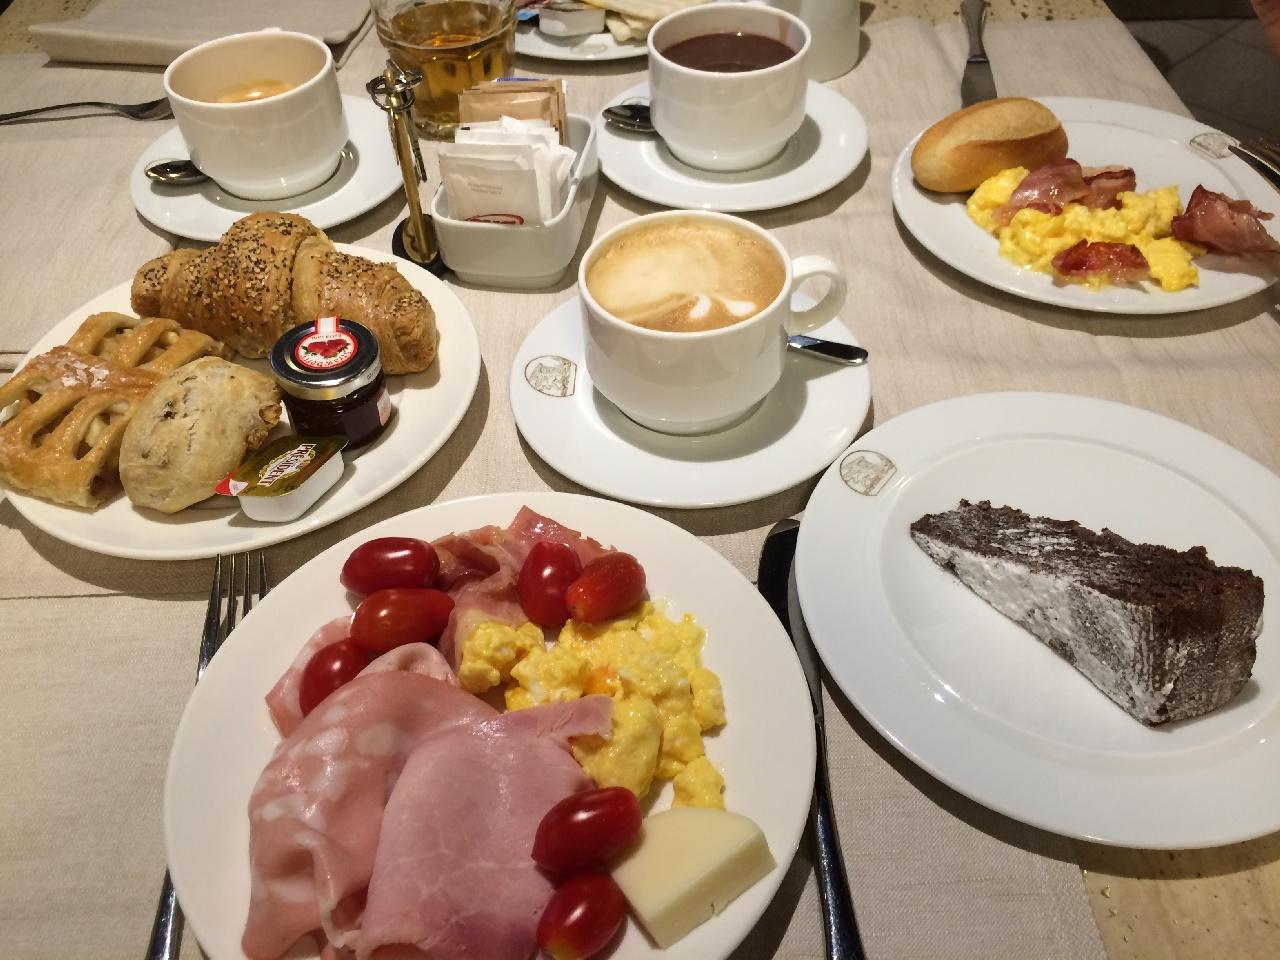 Un mic dejun pe gustul tuturor!